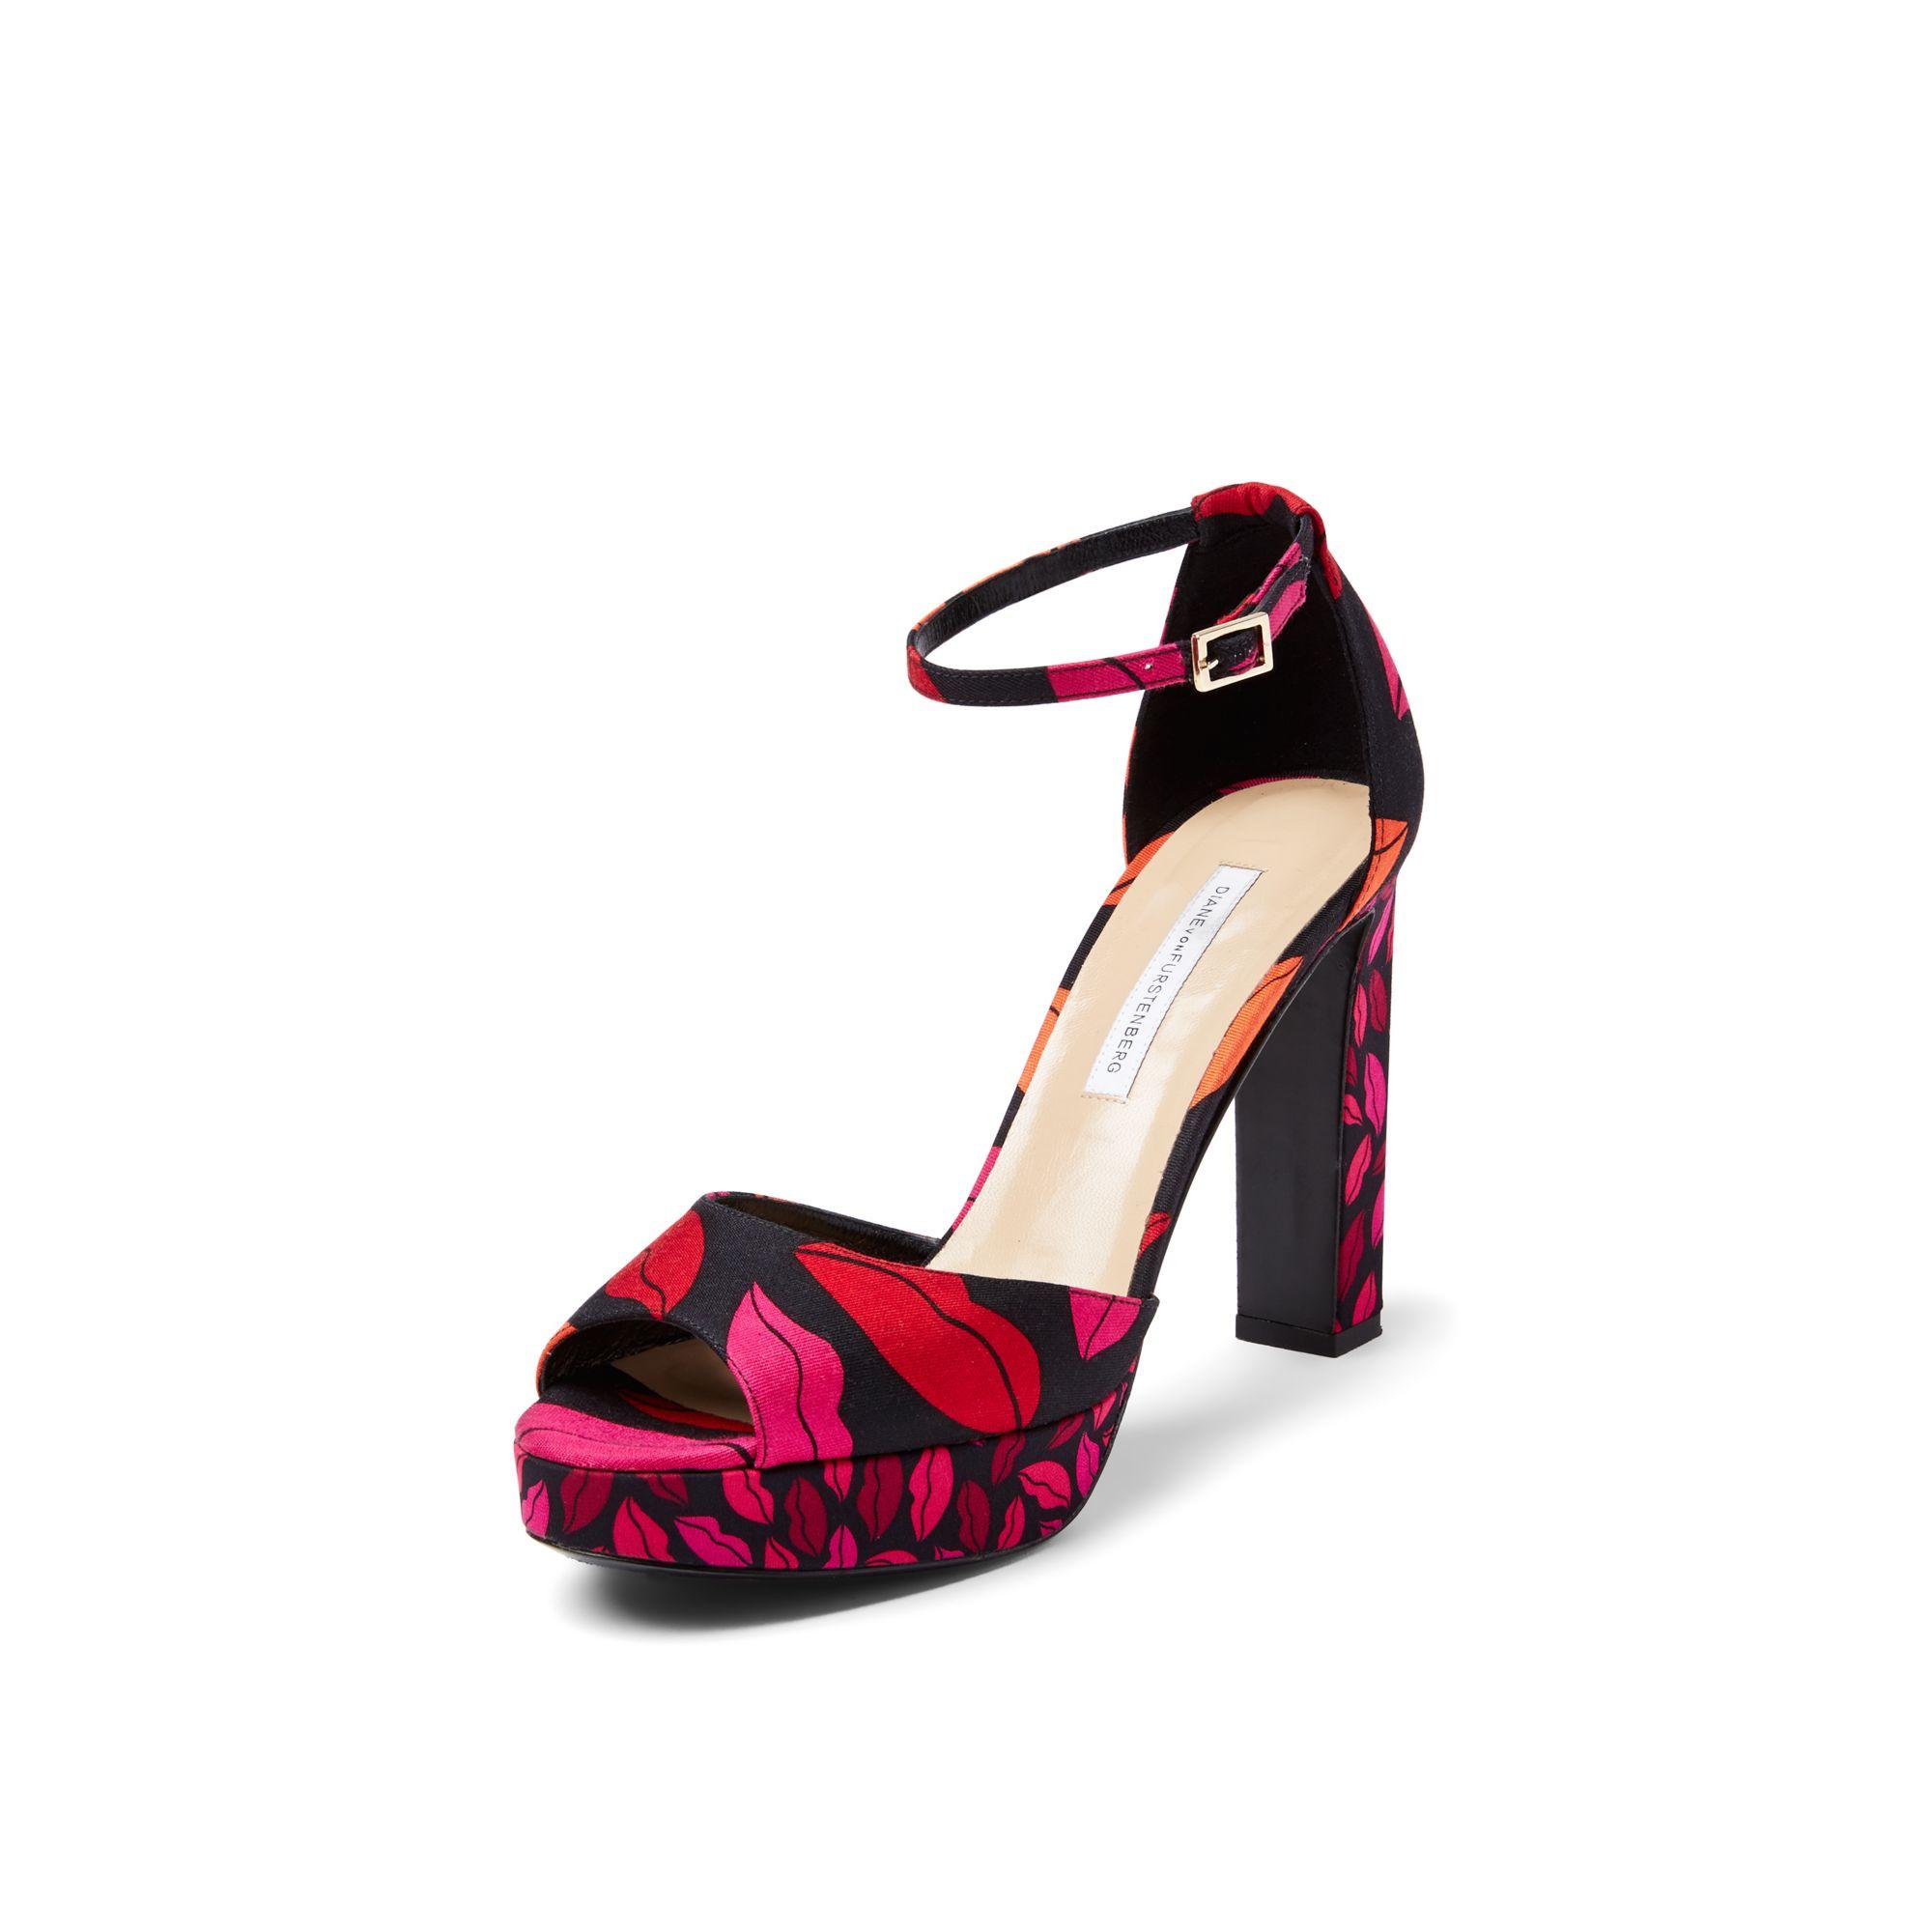 cc9fdc2580e Lyst - Diane von Furstenberg Daria Open Toe Kiss Platform Heel in Red